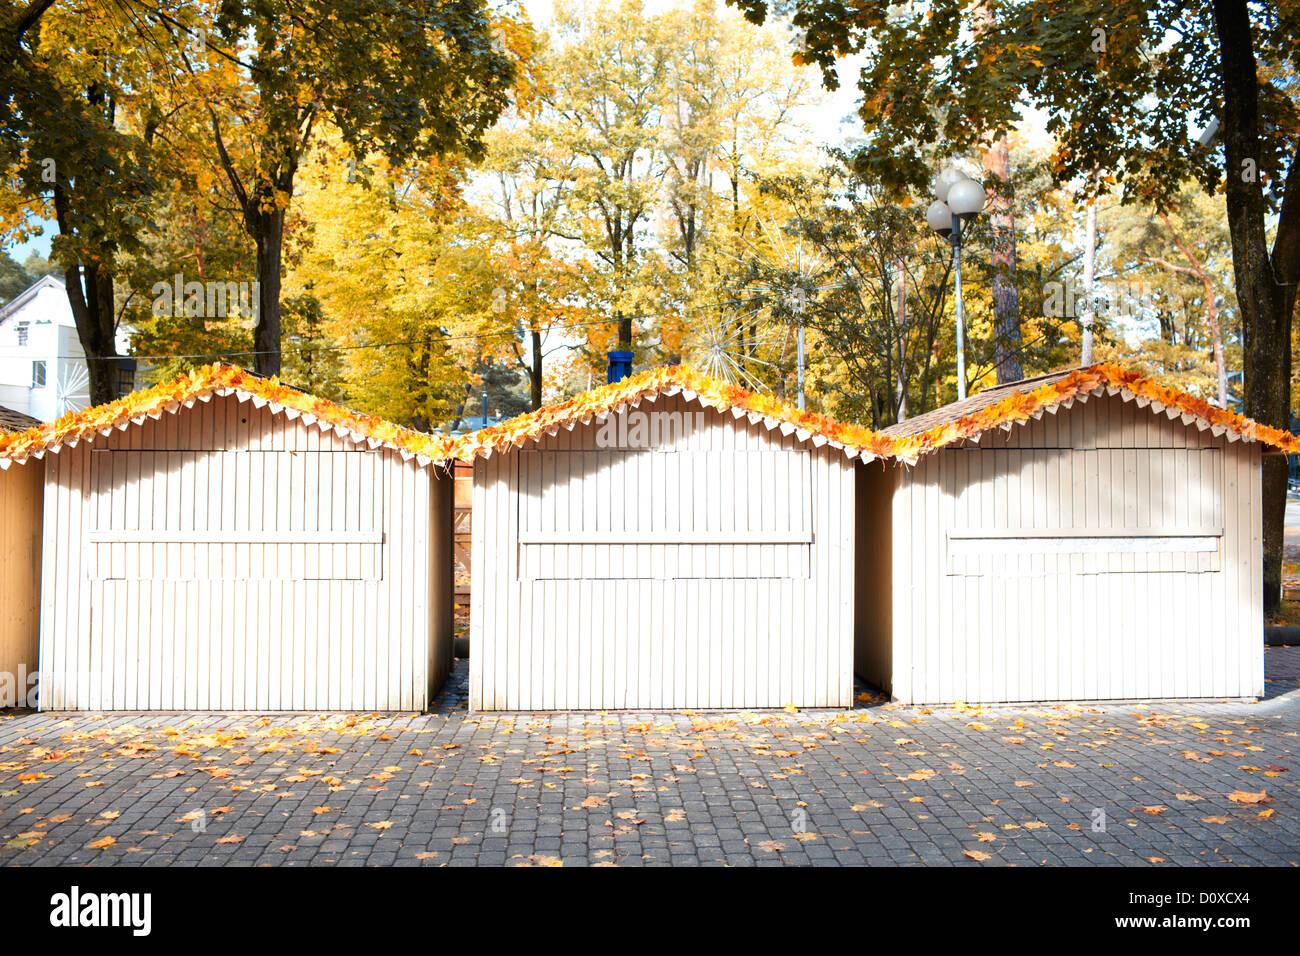 kleine holzhauser, drei kleine holzhäuser stockfoto, bild: 52211996 - alamy, Design ideen